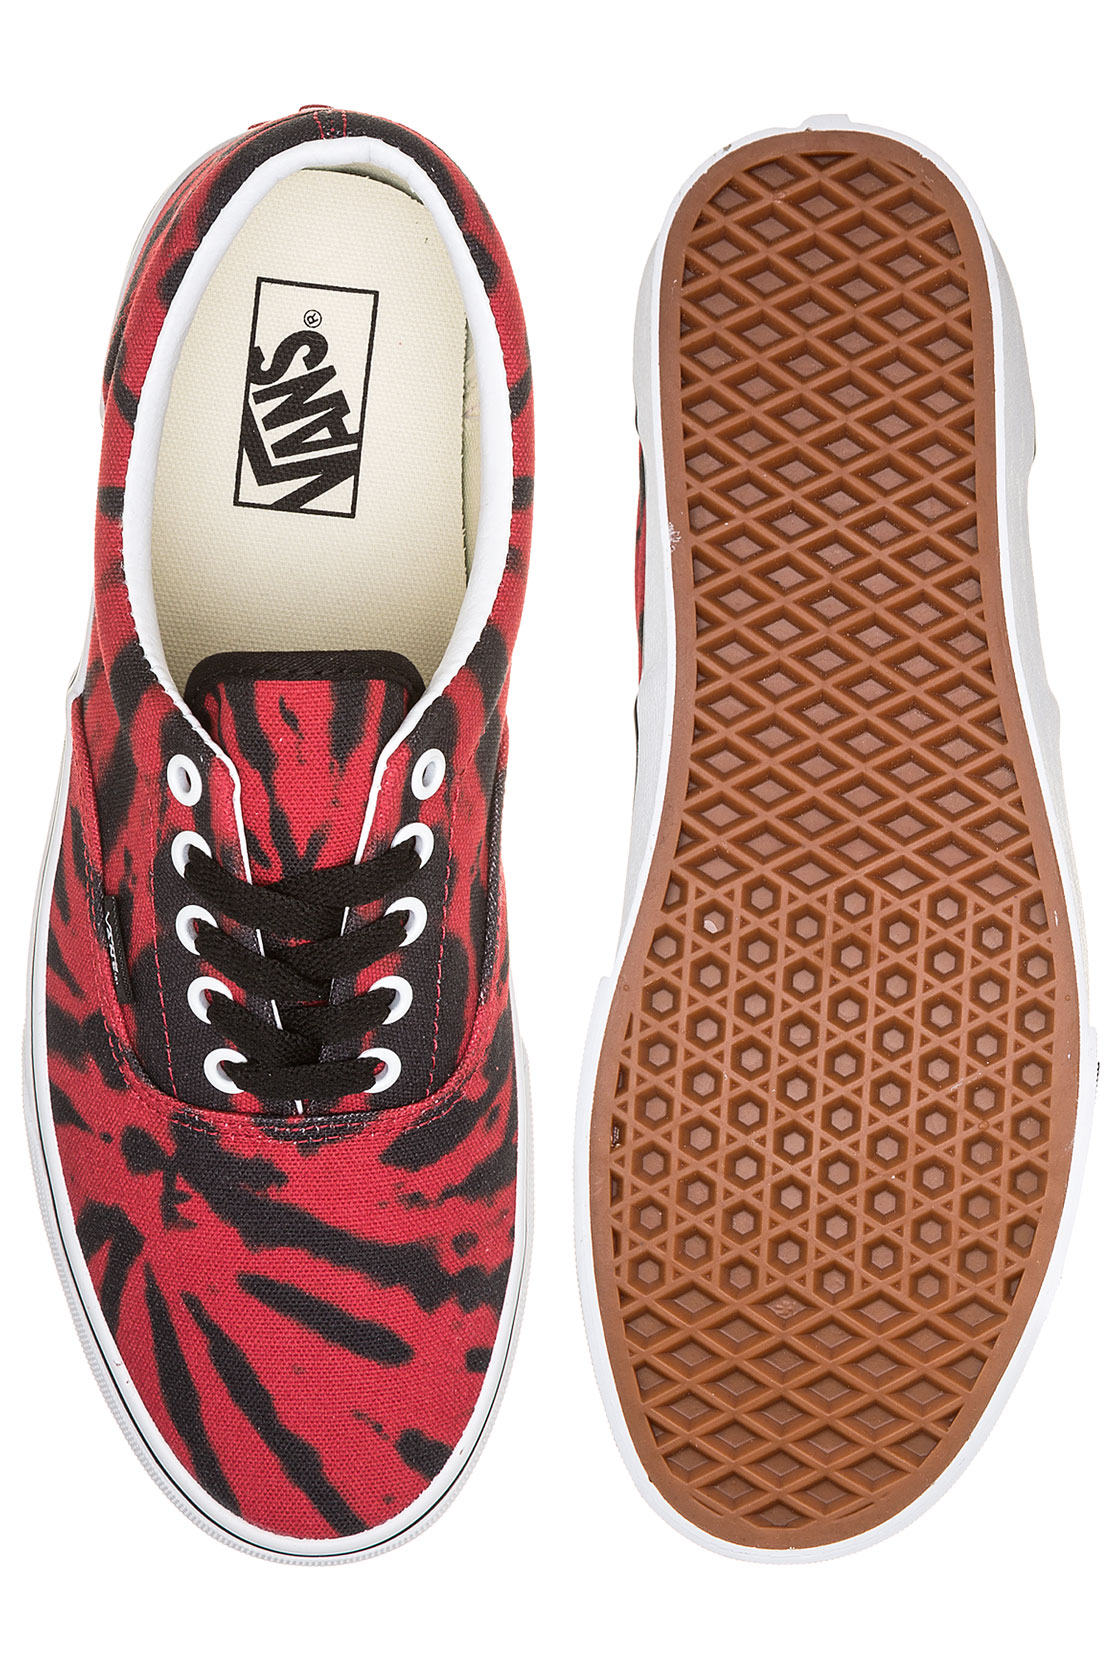 Chaussuretango Tie Vans Red Era Dye True nv0mNwOy8